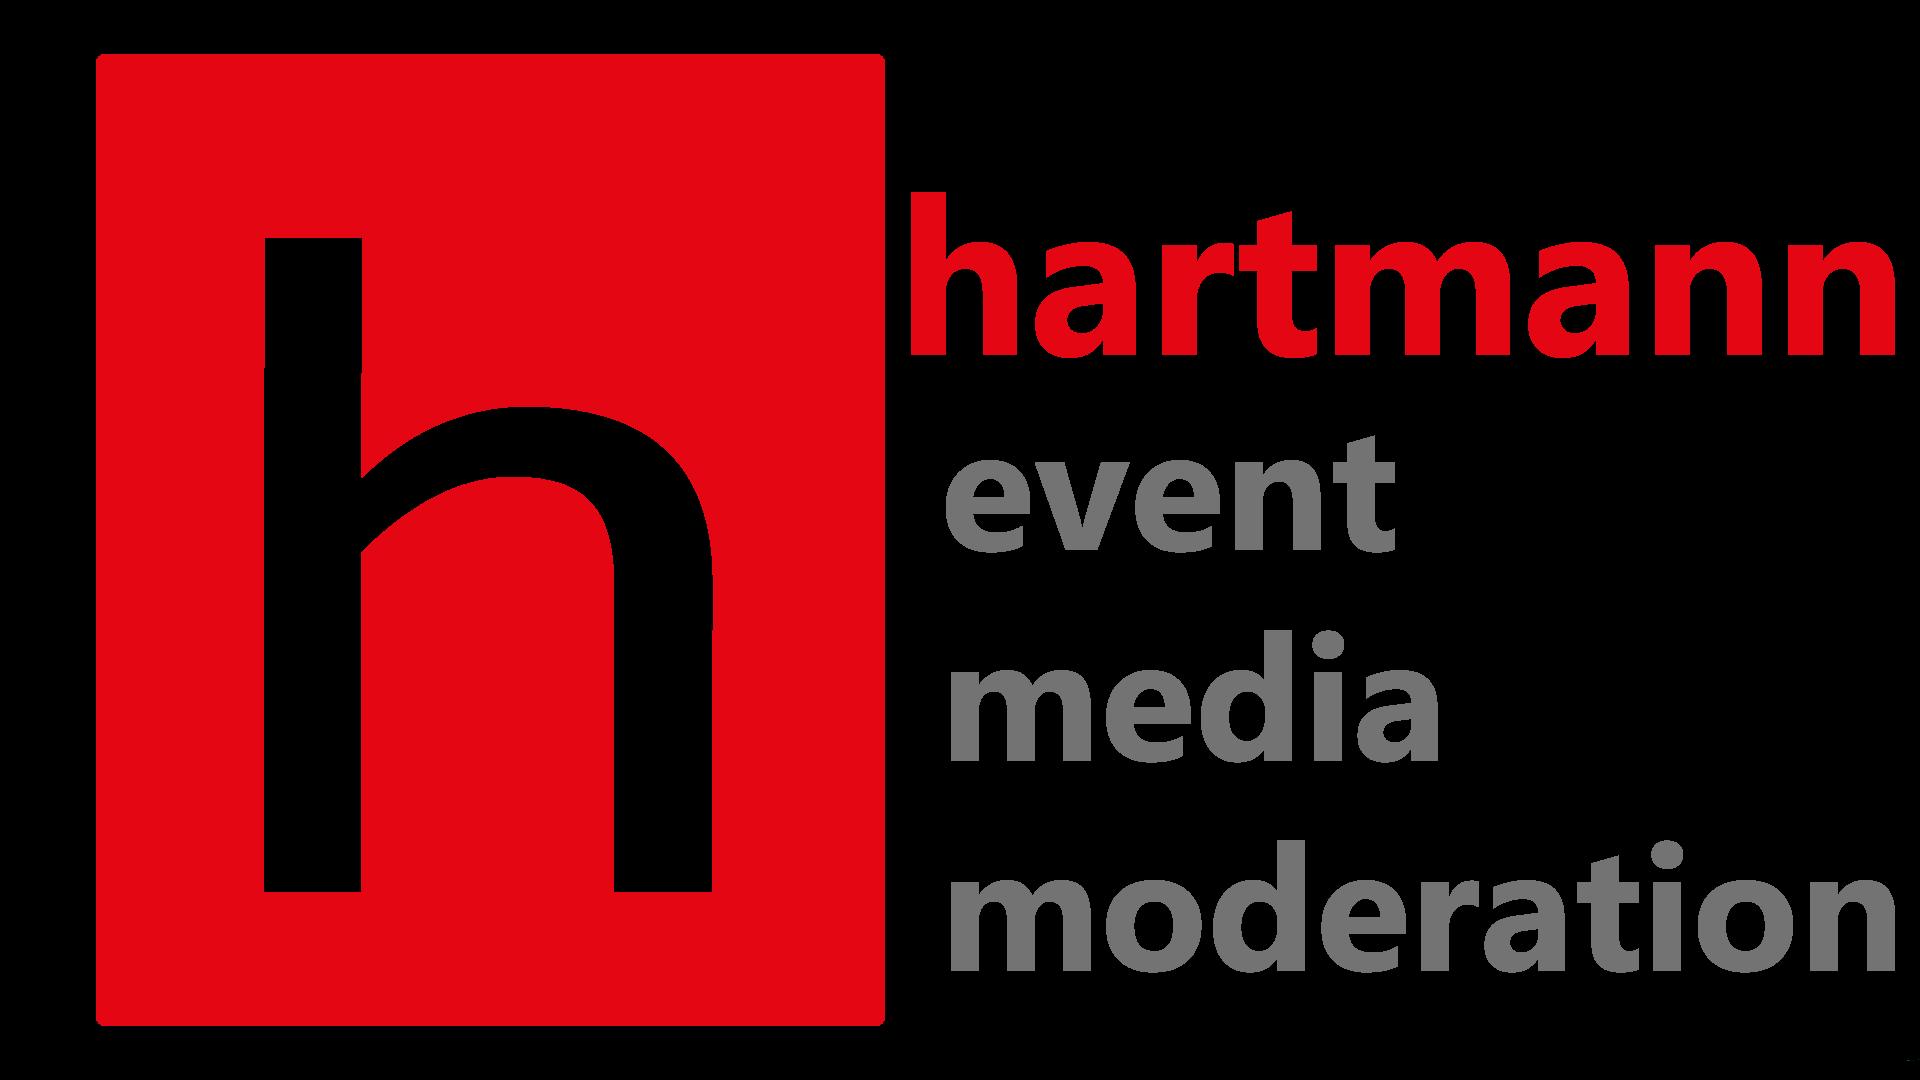 hartmann event | media | moderation